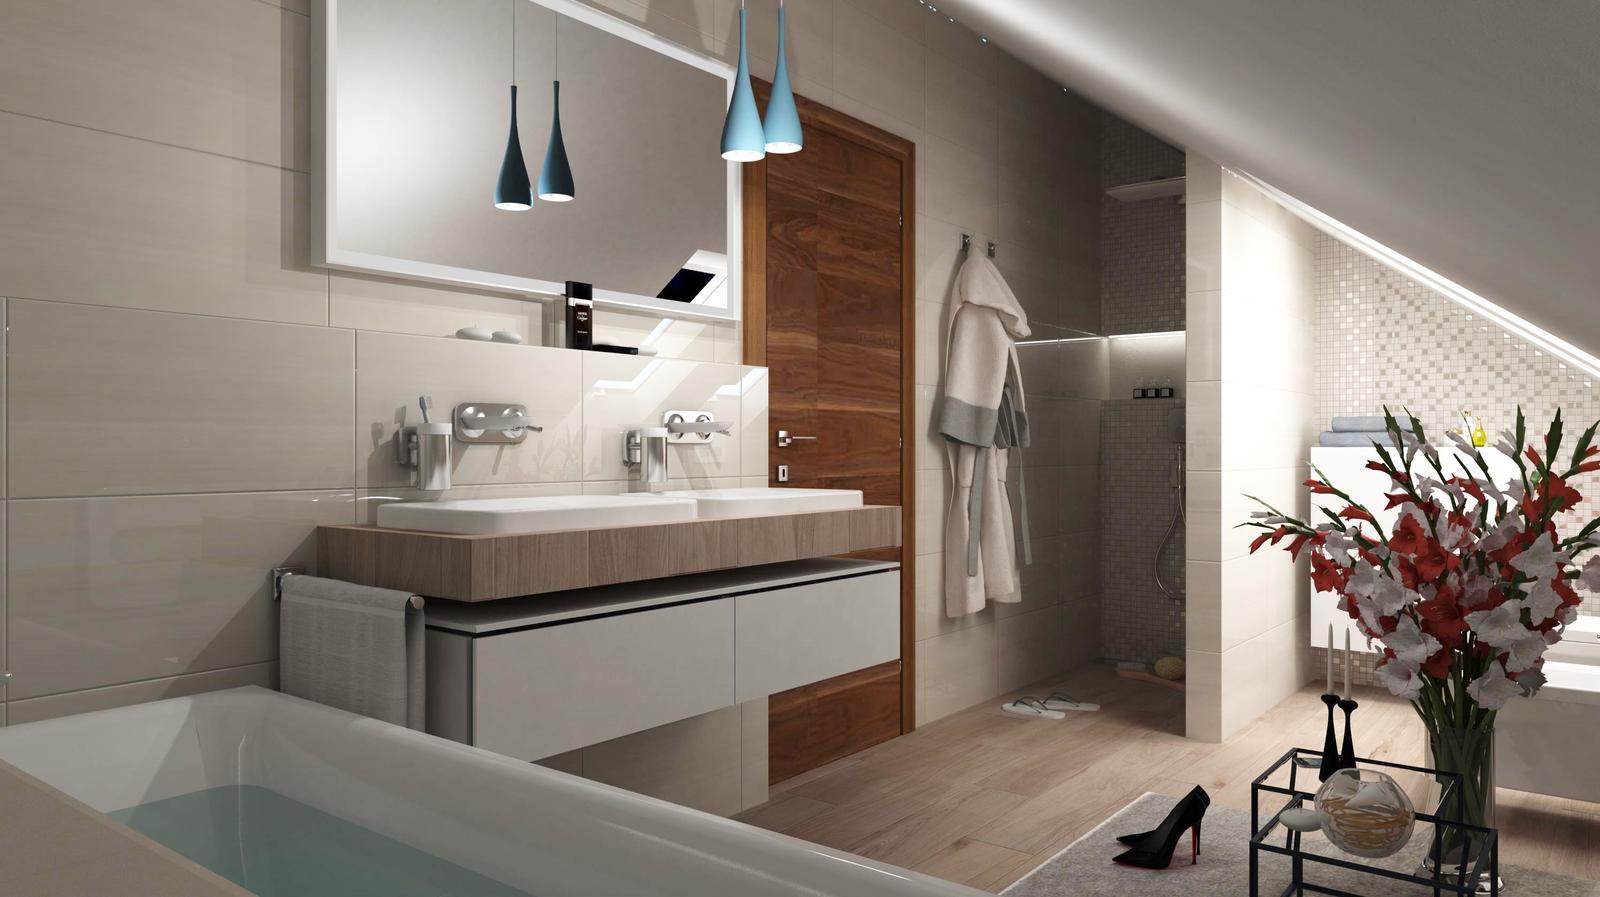 Vizualizácie kúpeľní - Obrázok č. 87